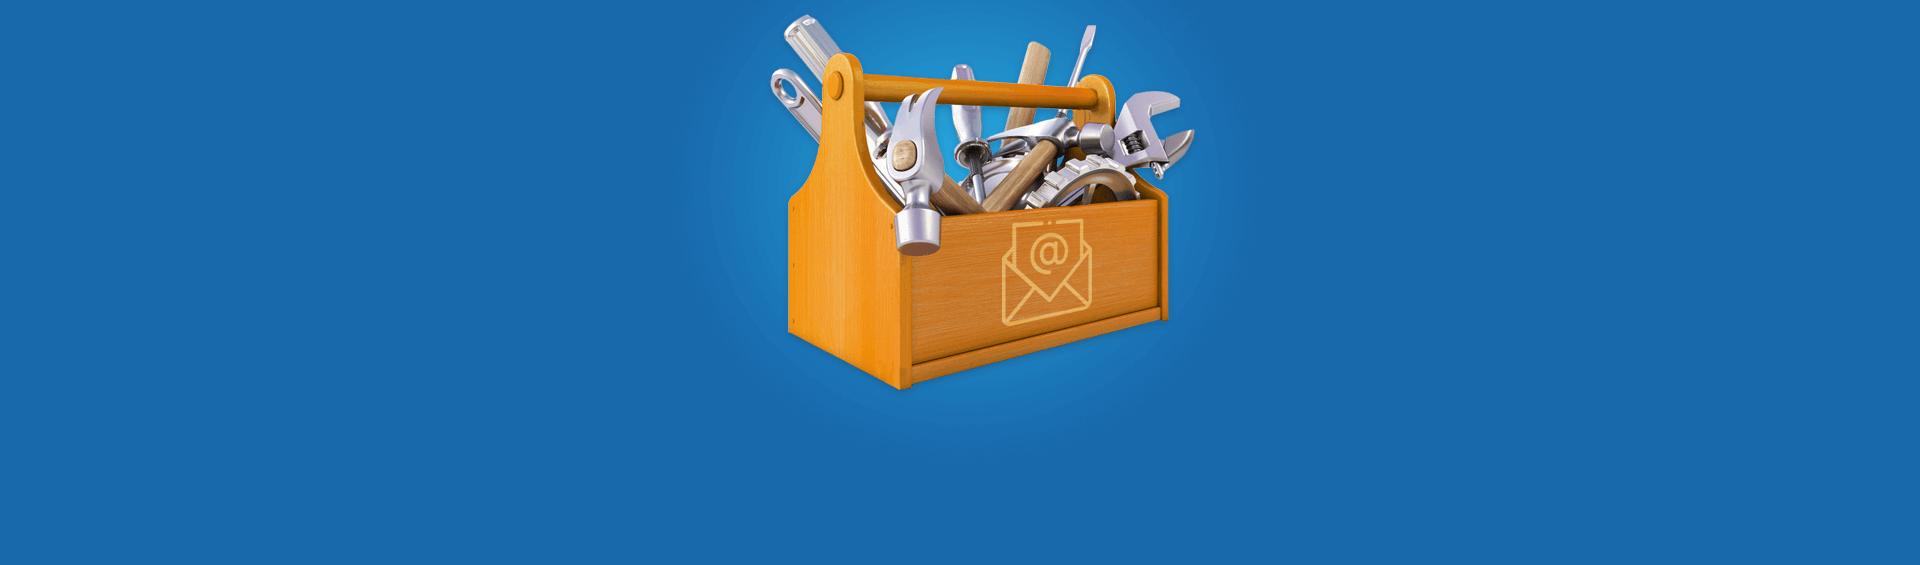 От попапов до таймеров в письме. 40 полезных инструментов для email-маркетолога